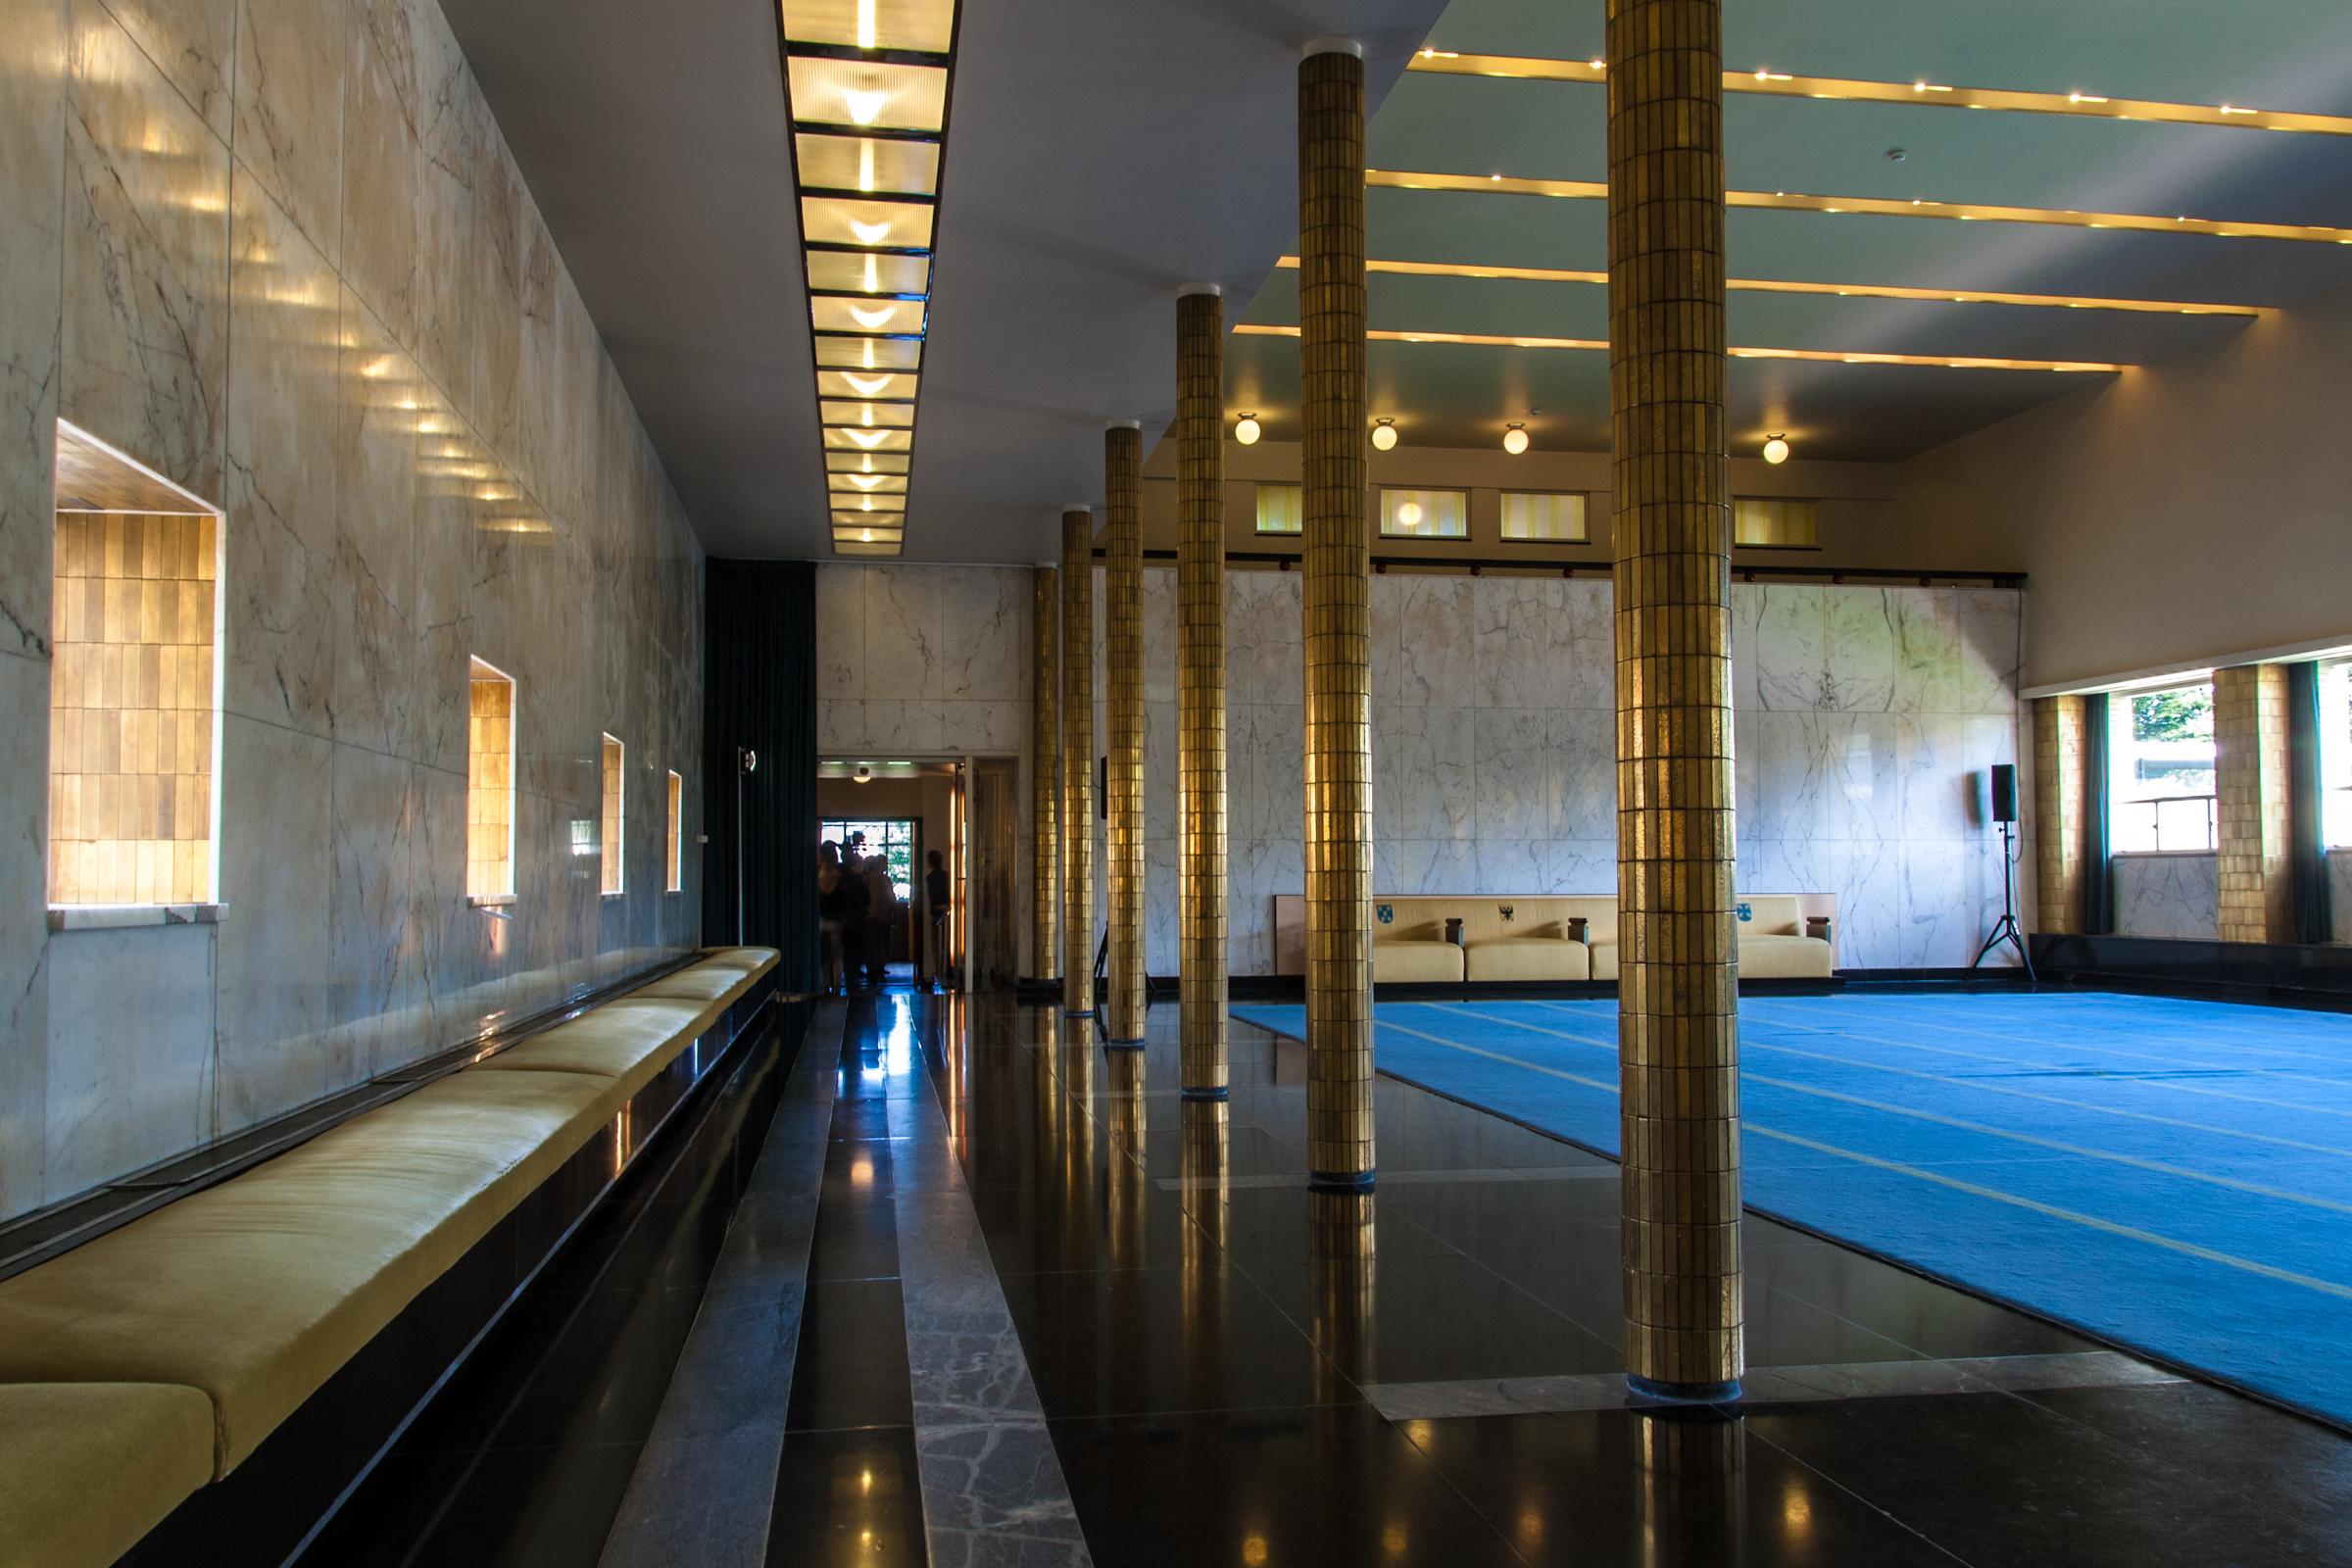 Stunning interieur hilversum contemporary trend ideas